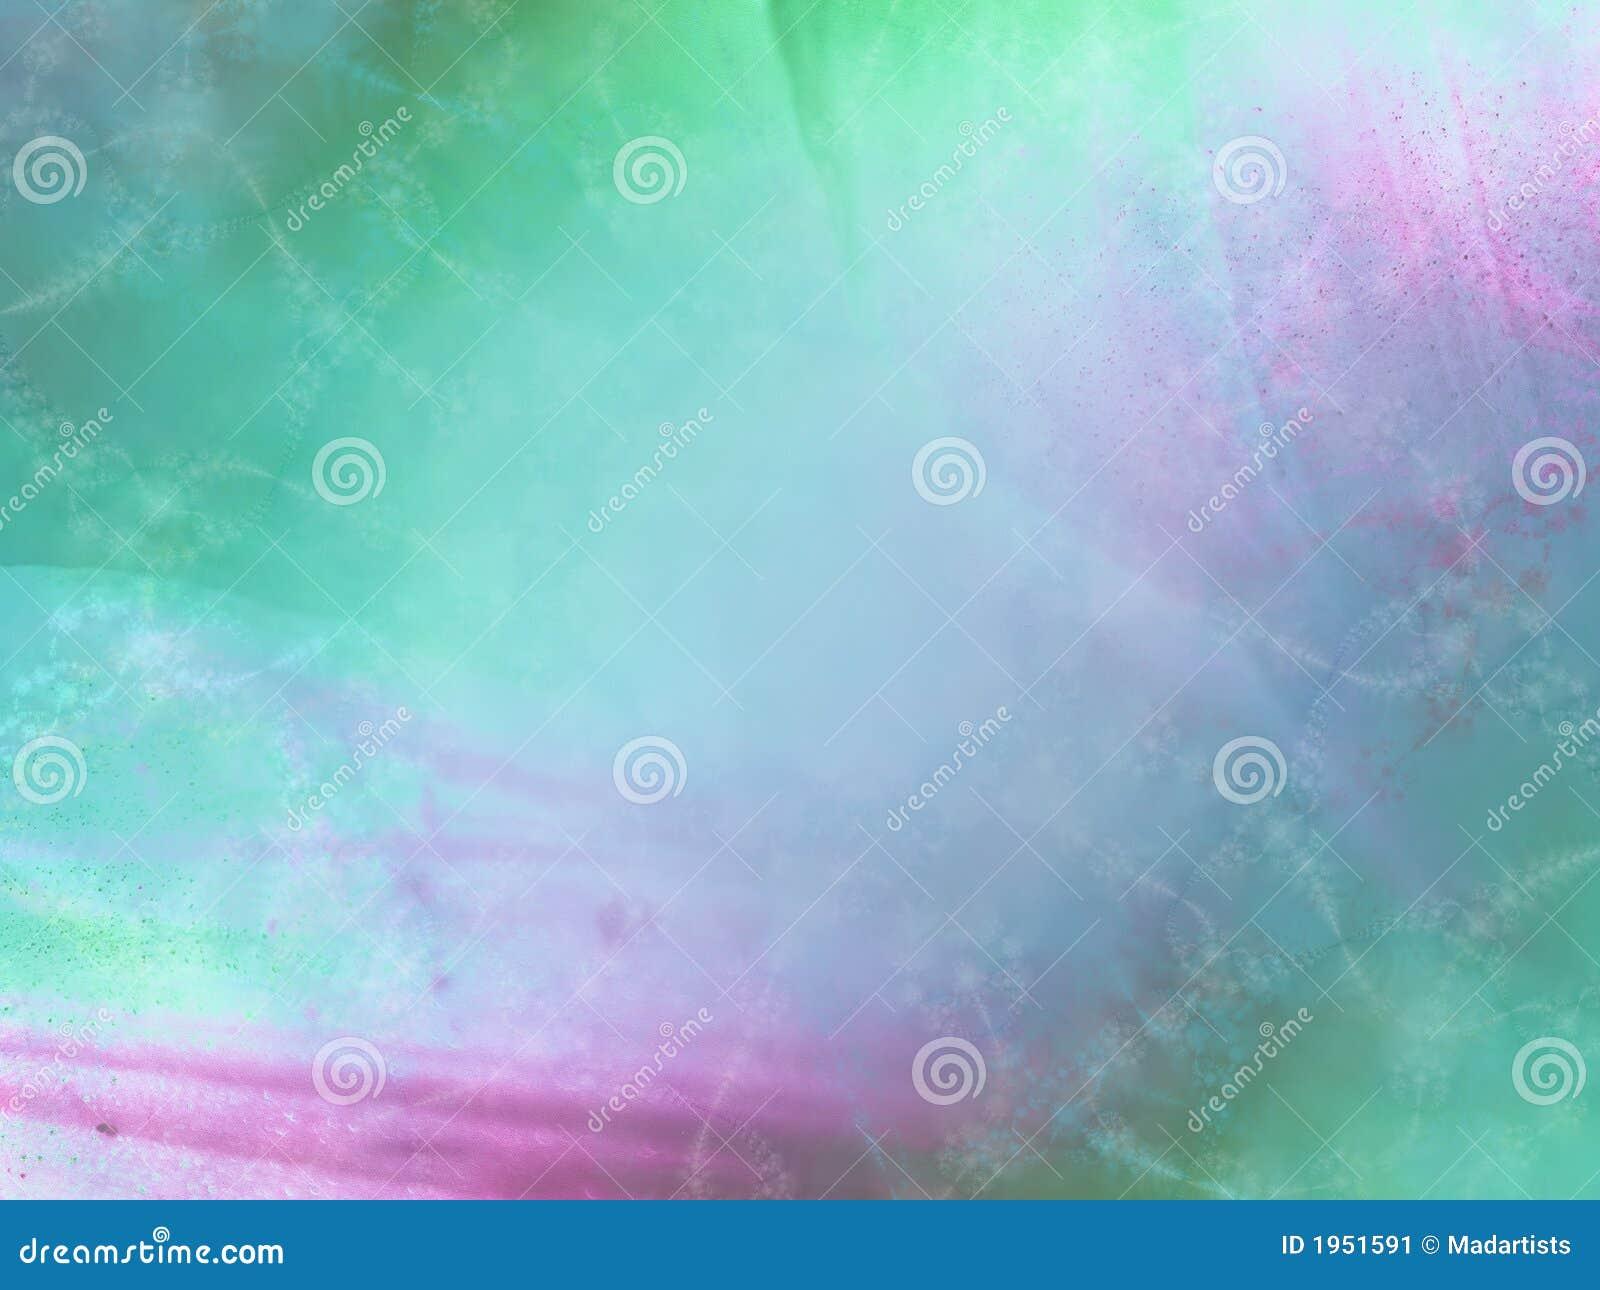 水色蓝色紫色虚拟纹理